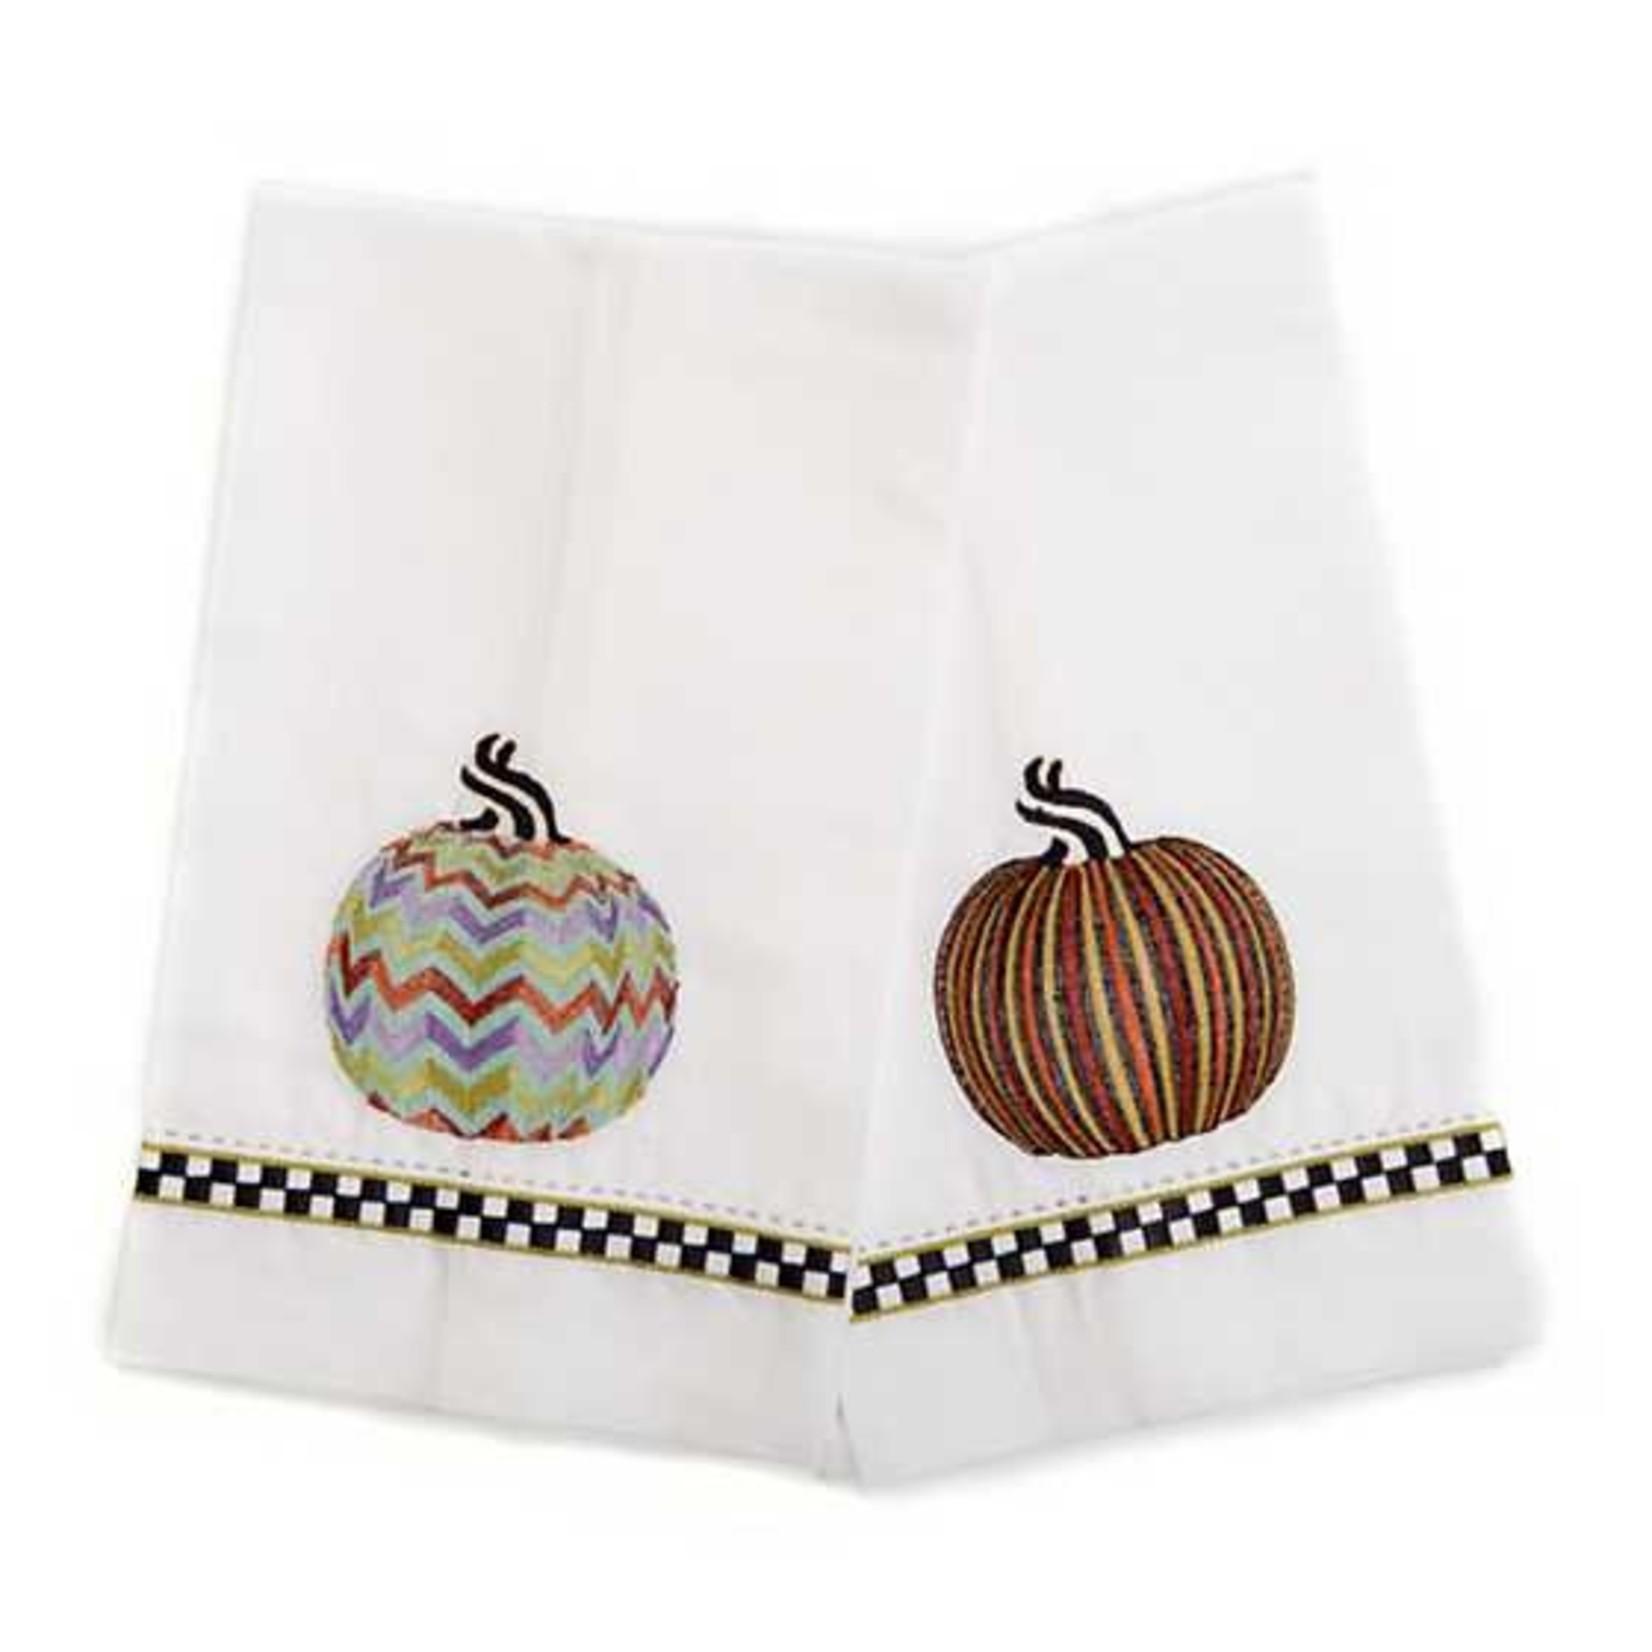 MacKenzie Childs Pumpkin Guest Towels - Set of 2